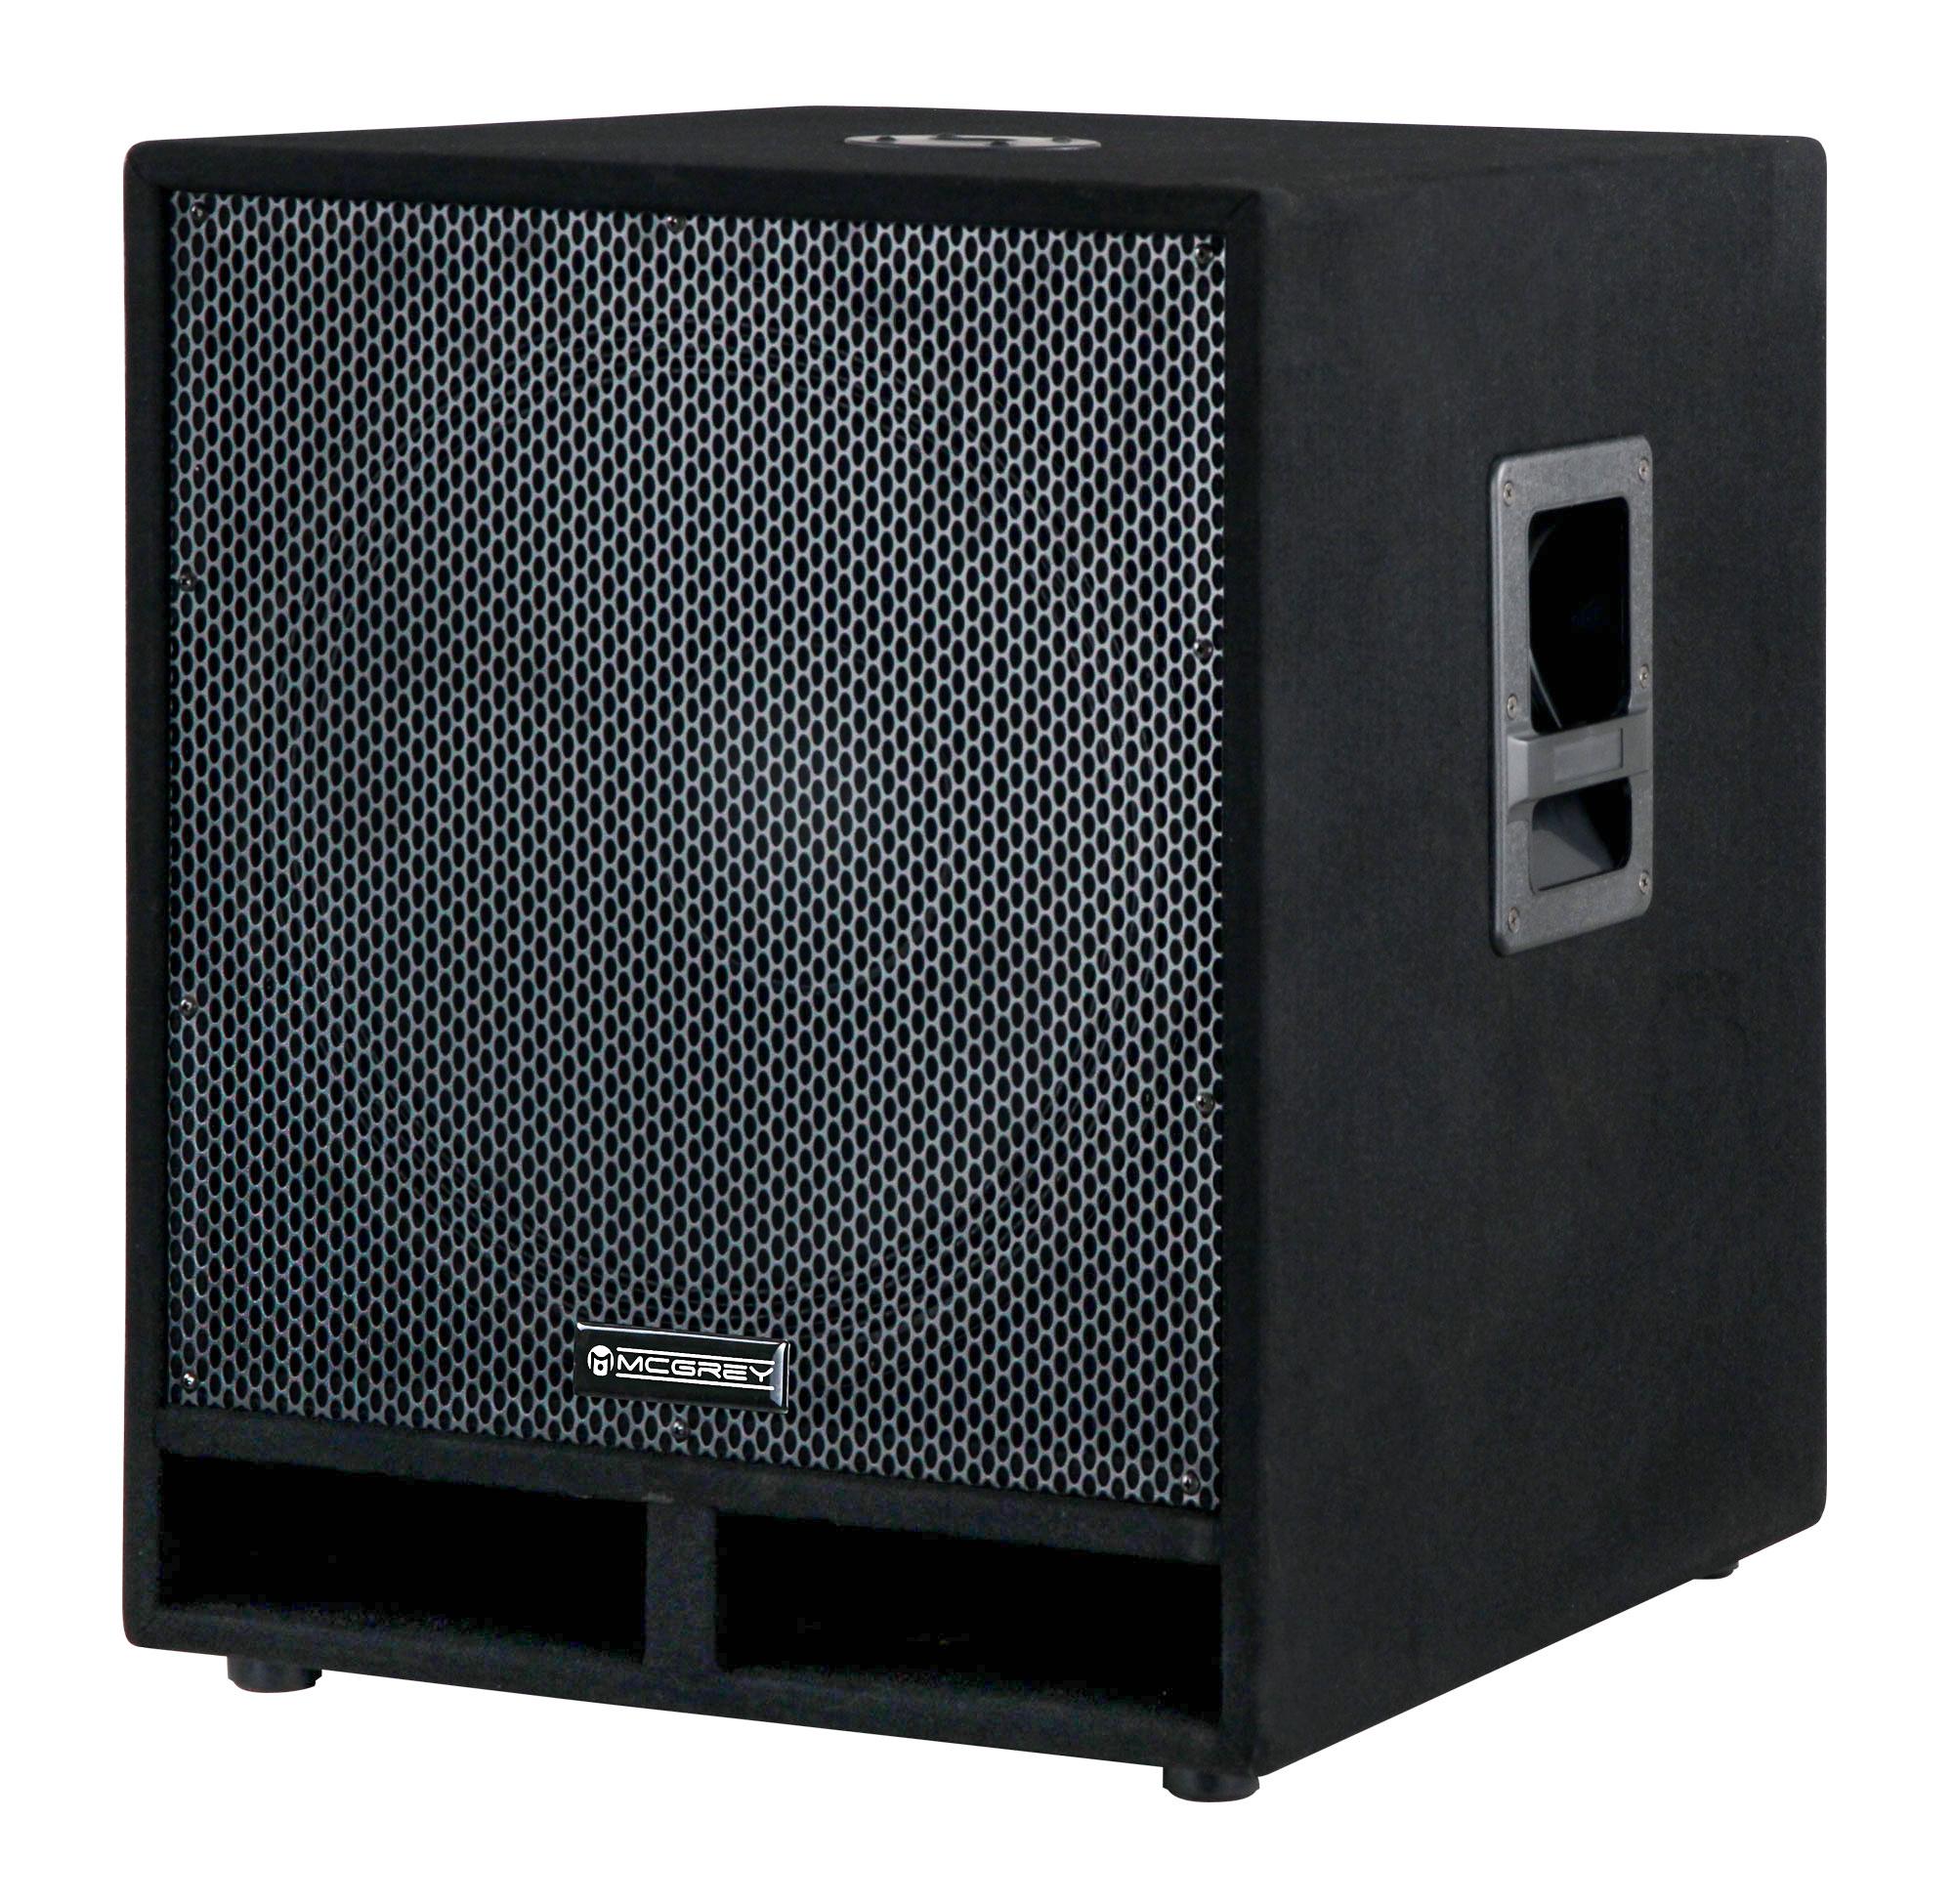 McGrey PAS 118 18' passiver PA Subwoofer Bass Lautsprecher Box 1800 Watt Retoure (Zustand sehr gut)